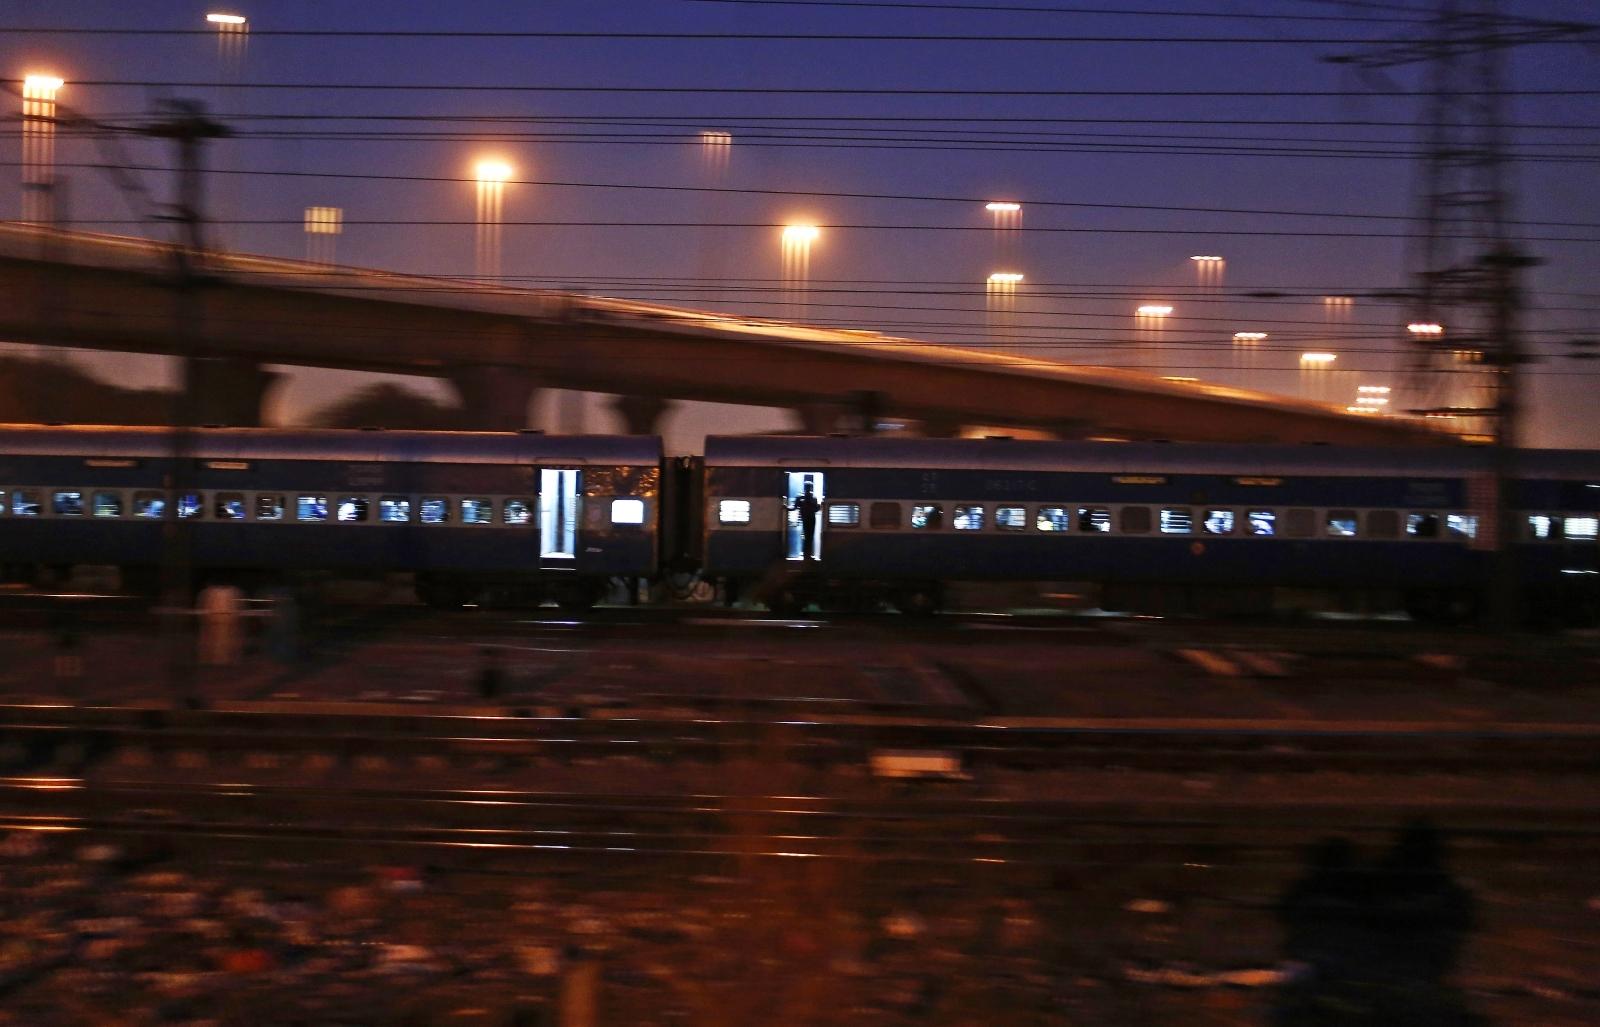 India moving train